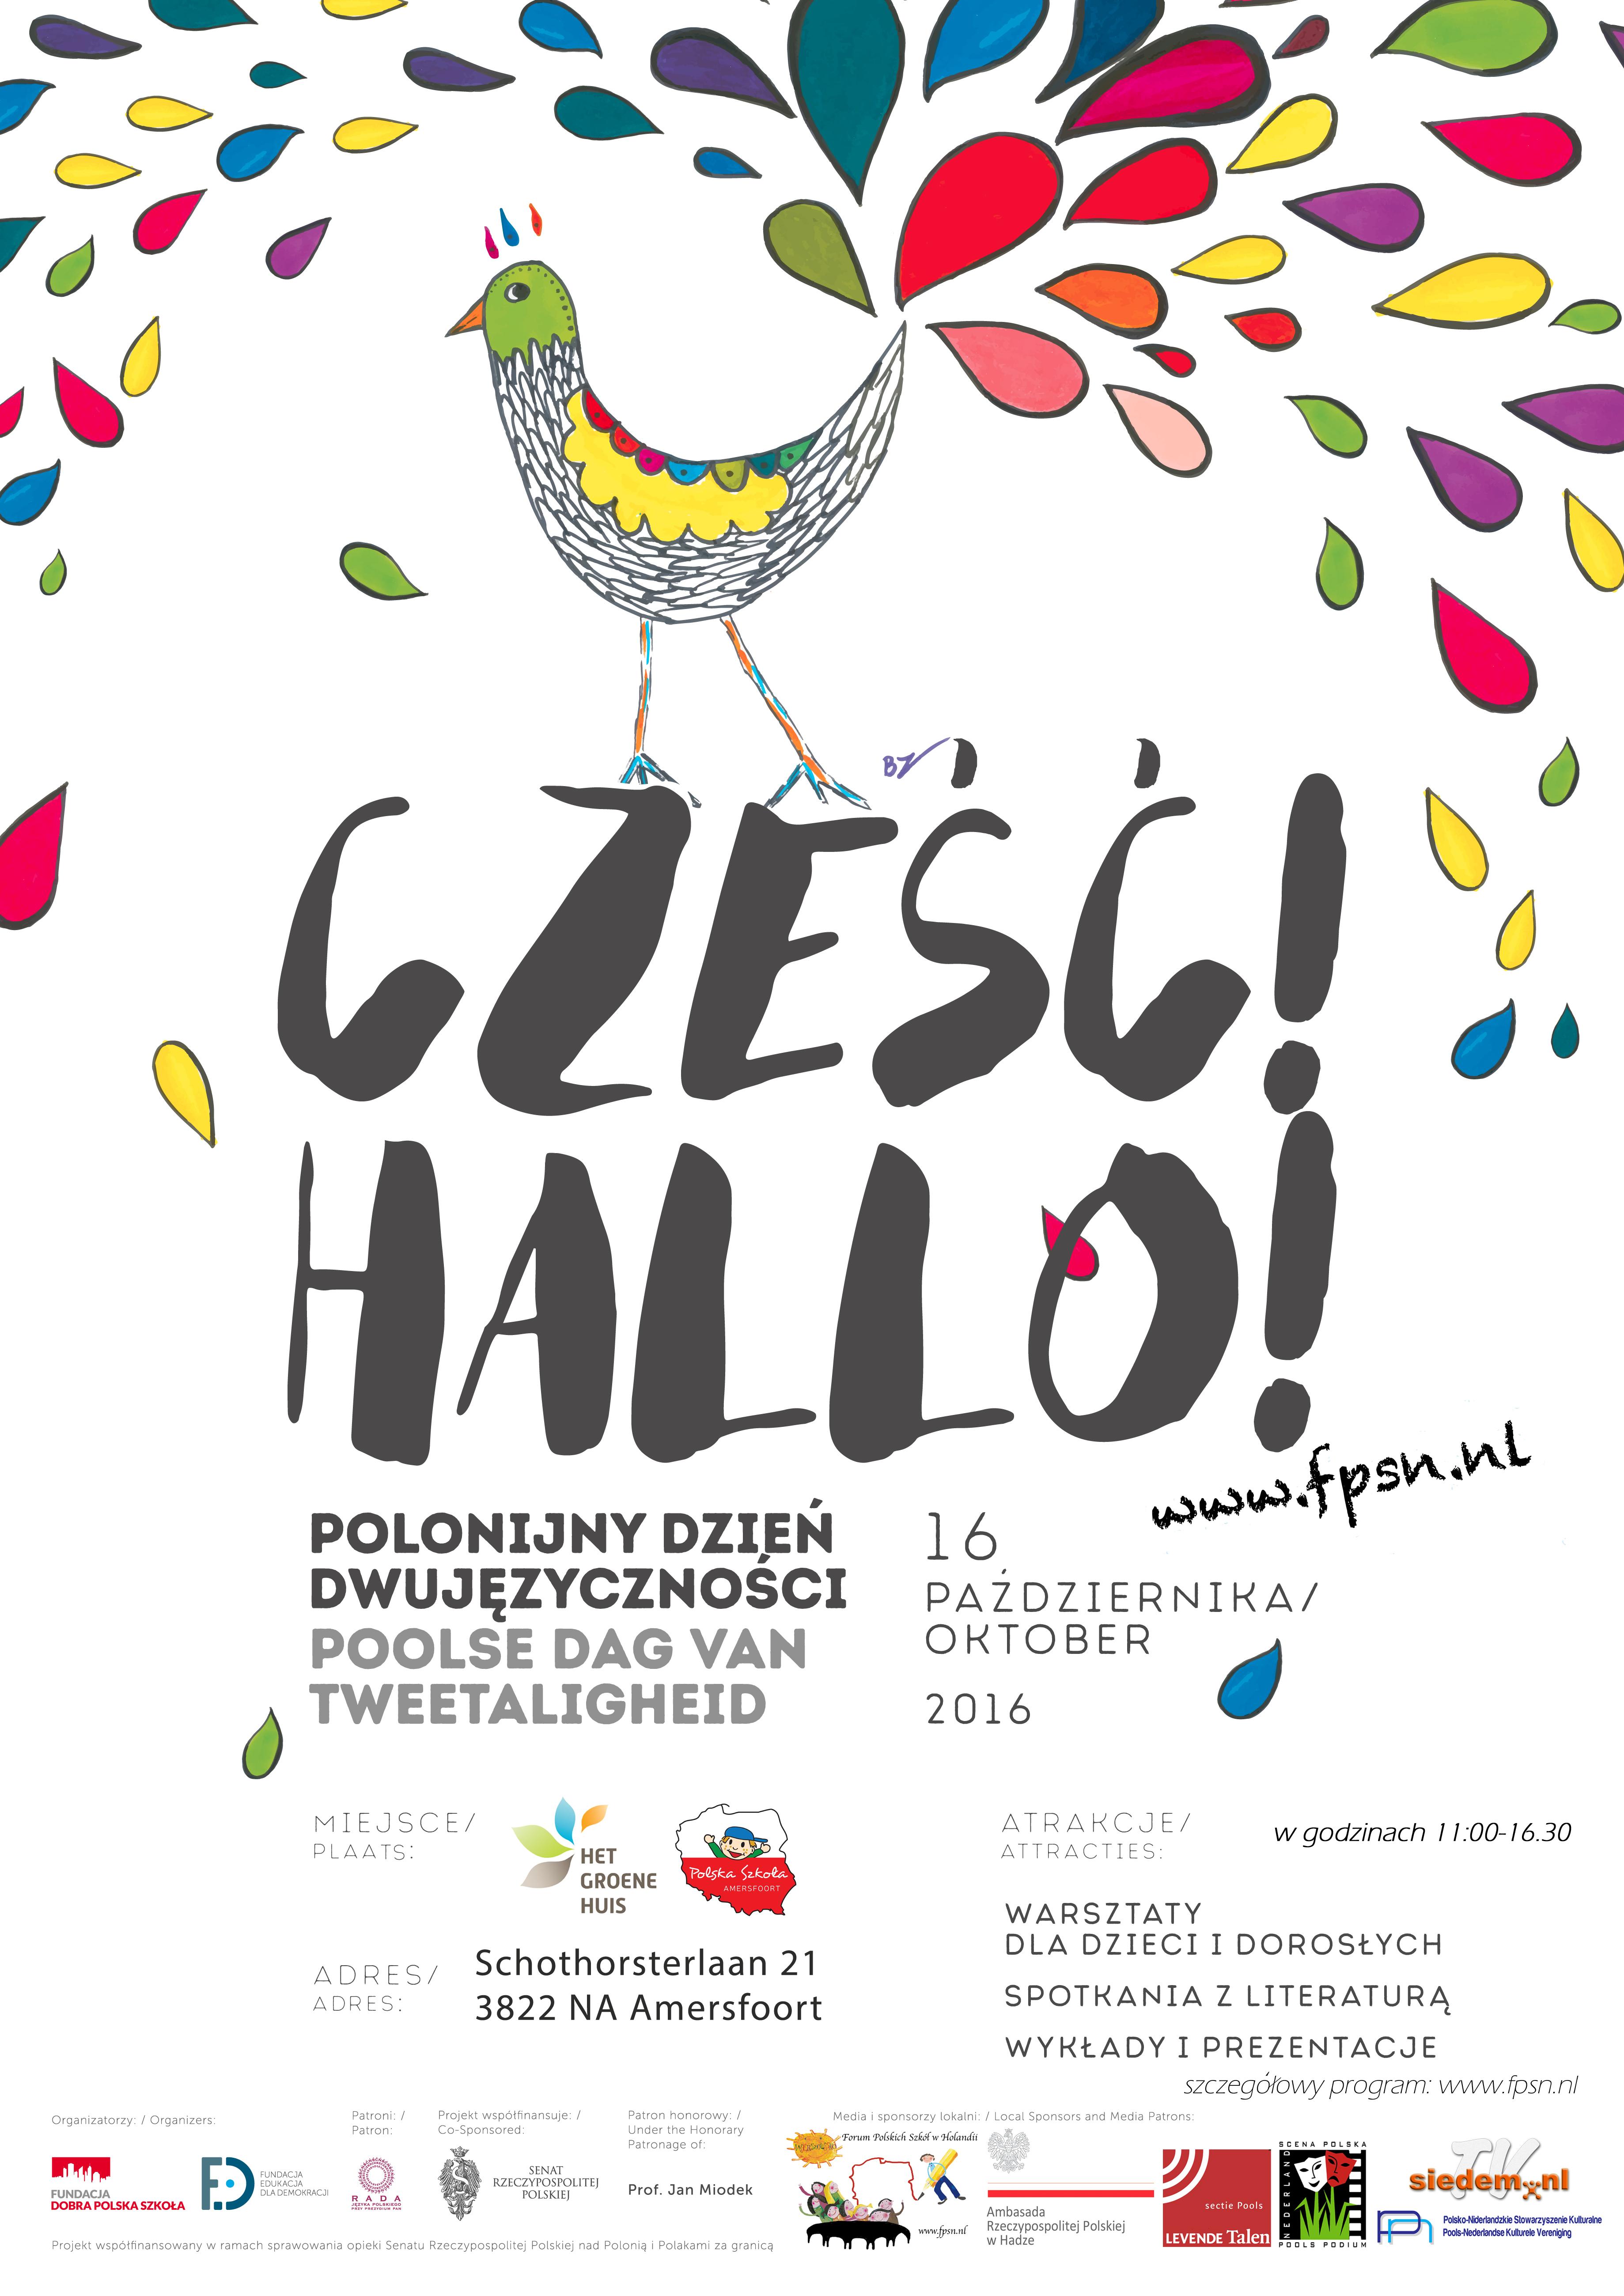 Polonijny Dzień Dwujęzyczności 2016